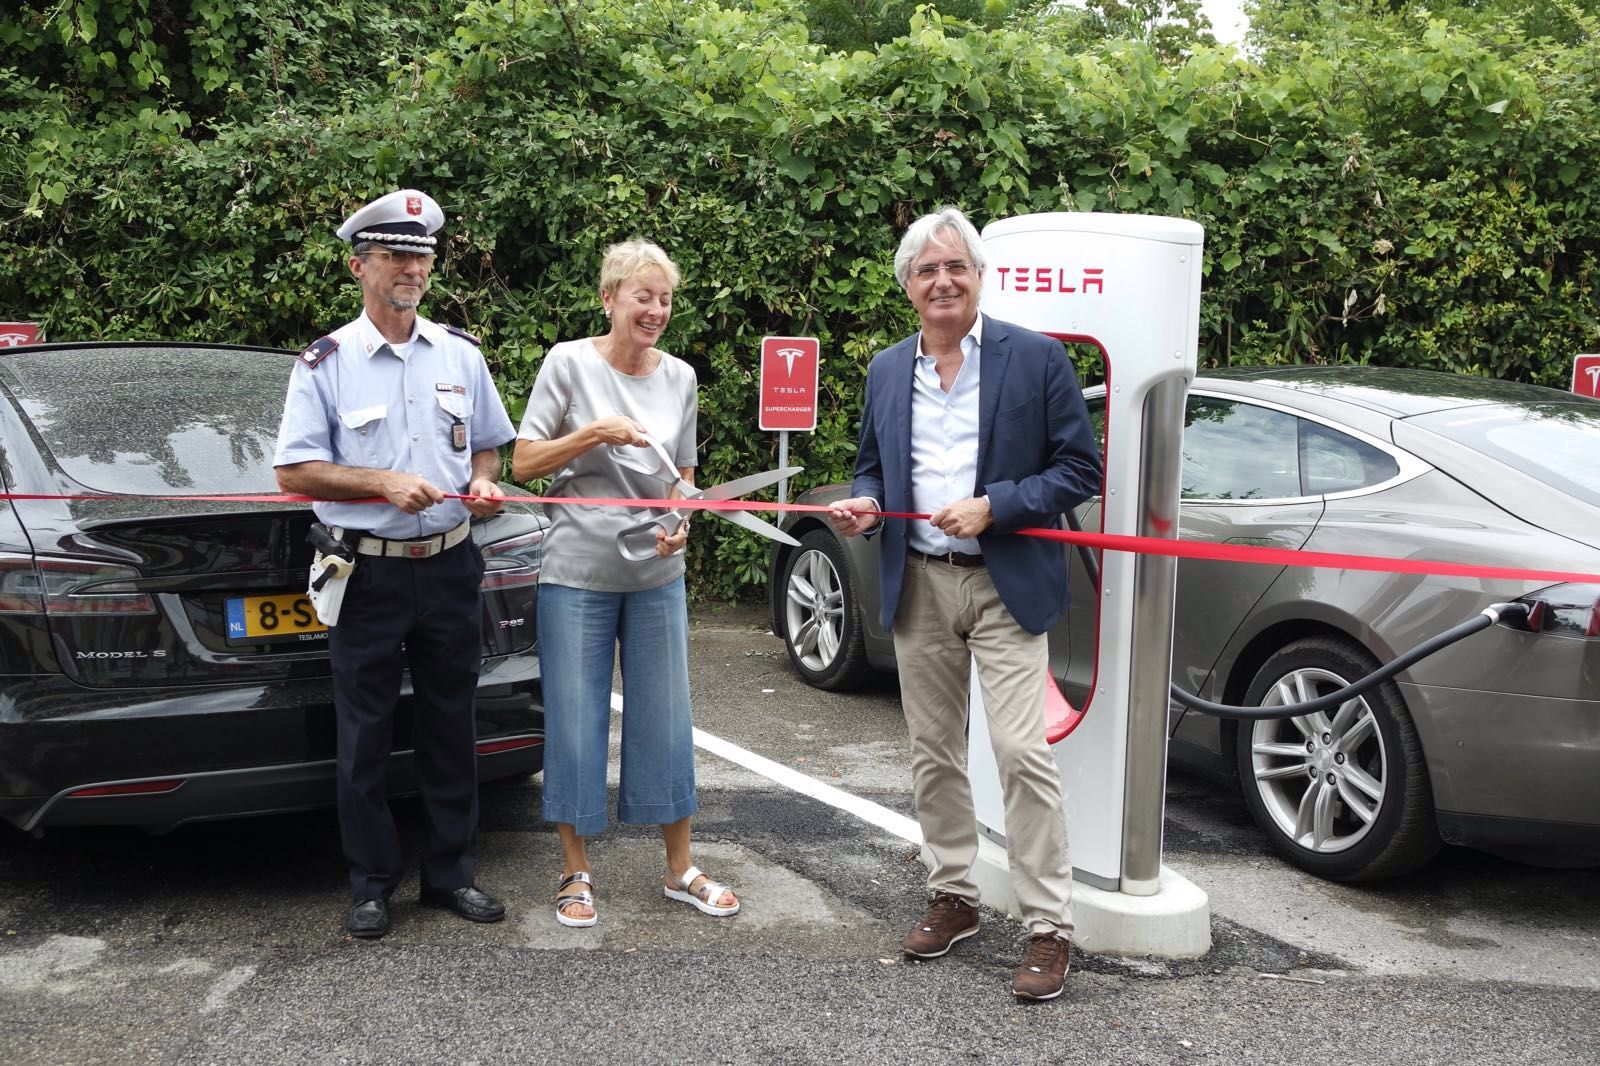 Inaugurata la prima stazione Supercharger Tesla della Versilia